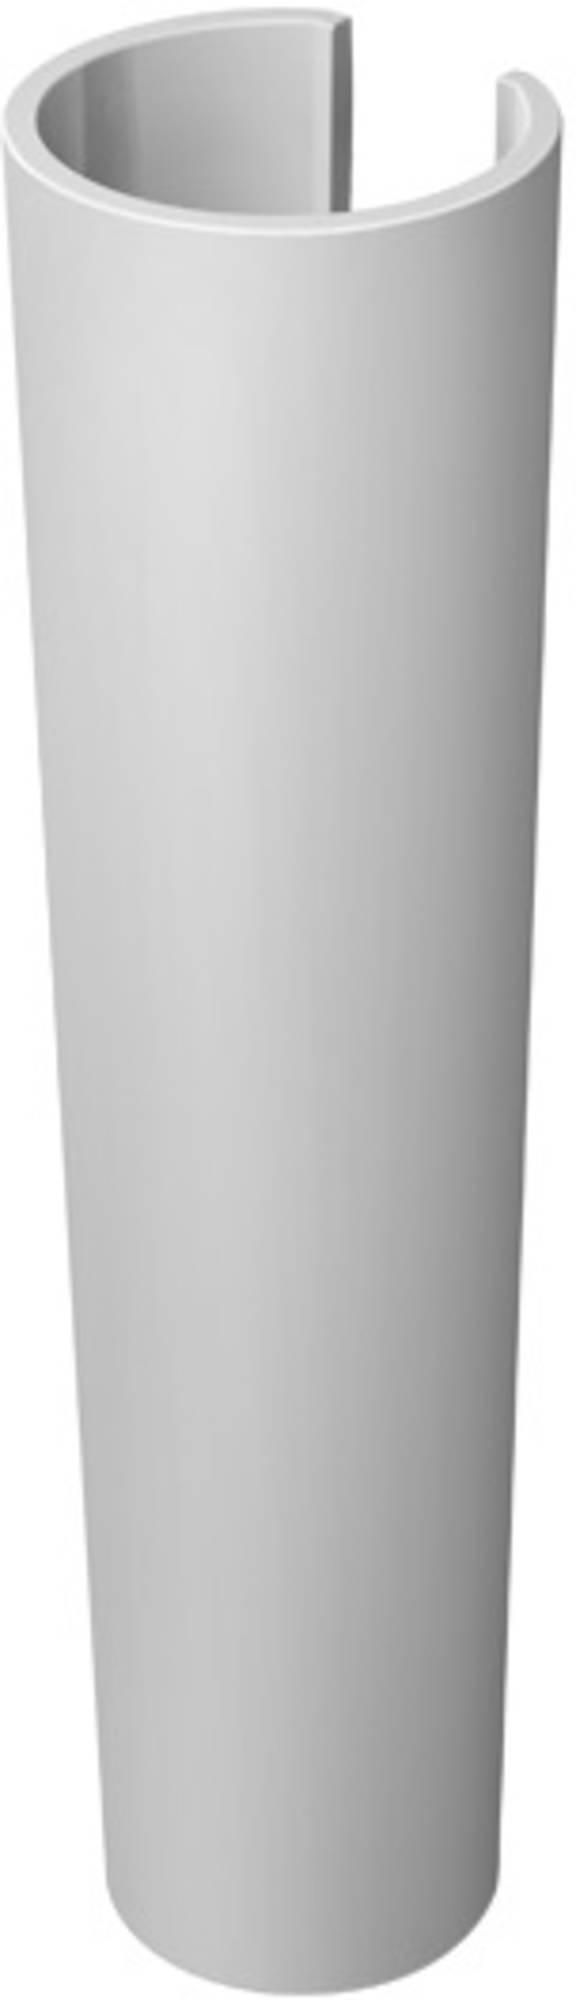 Duravit Starck 2 zuil voor wastafel wit